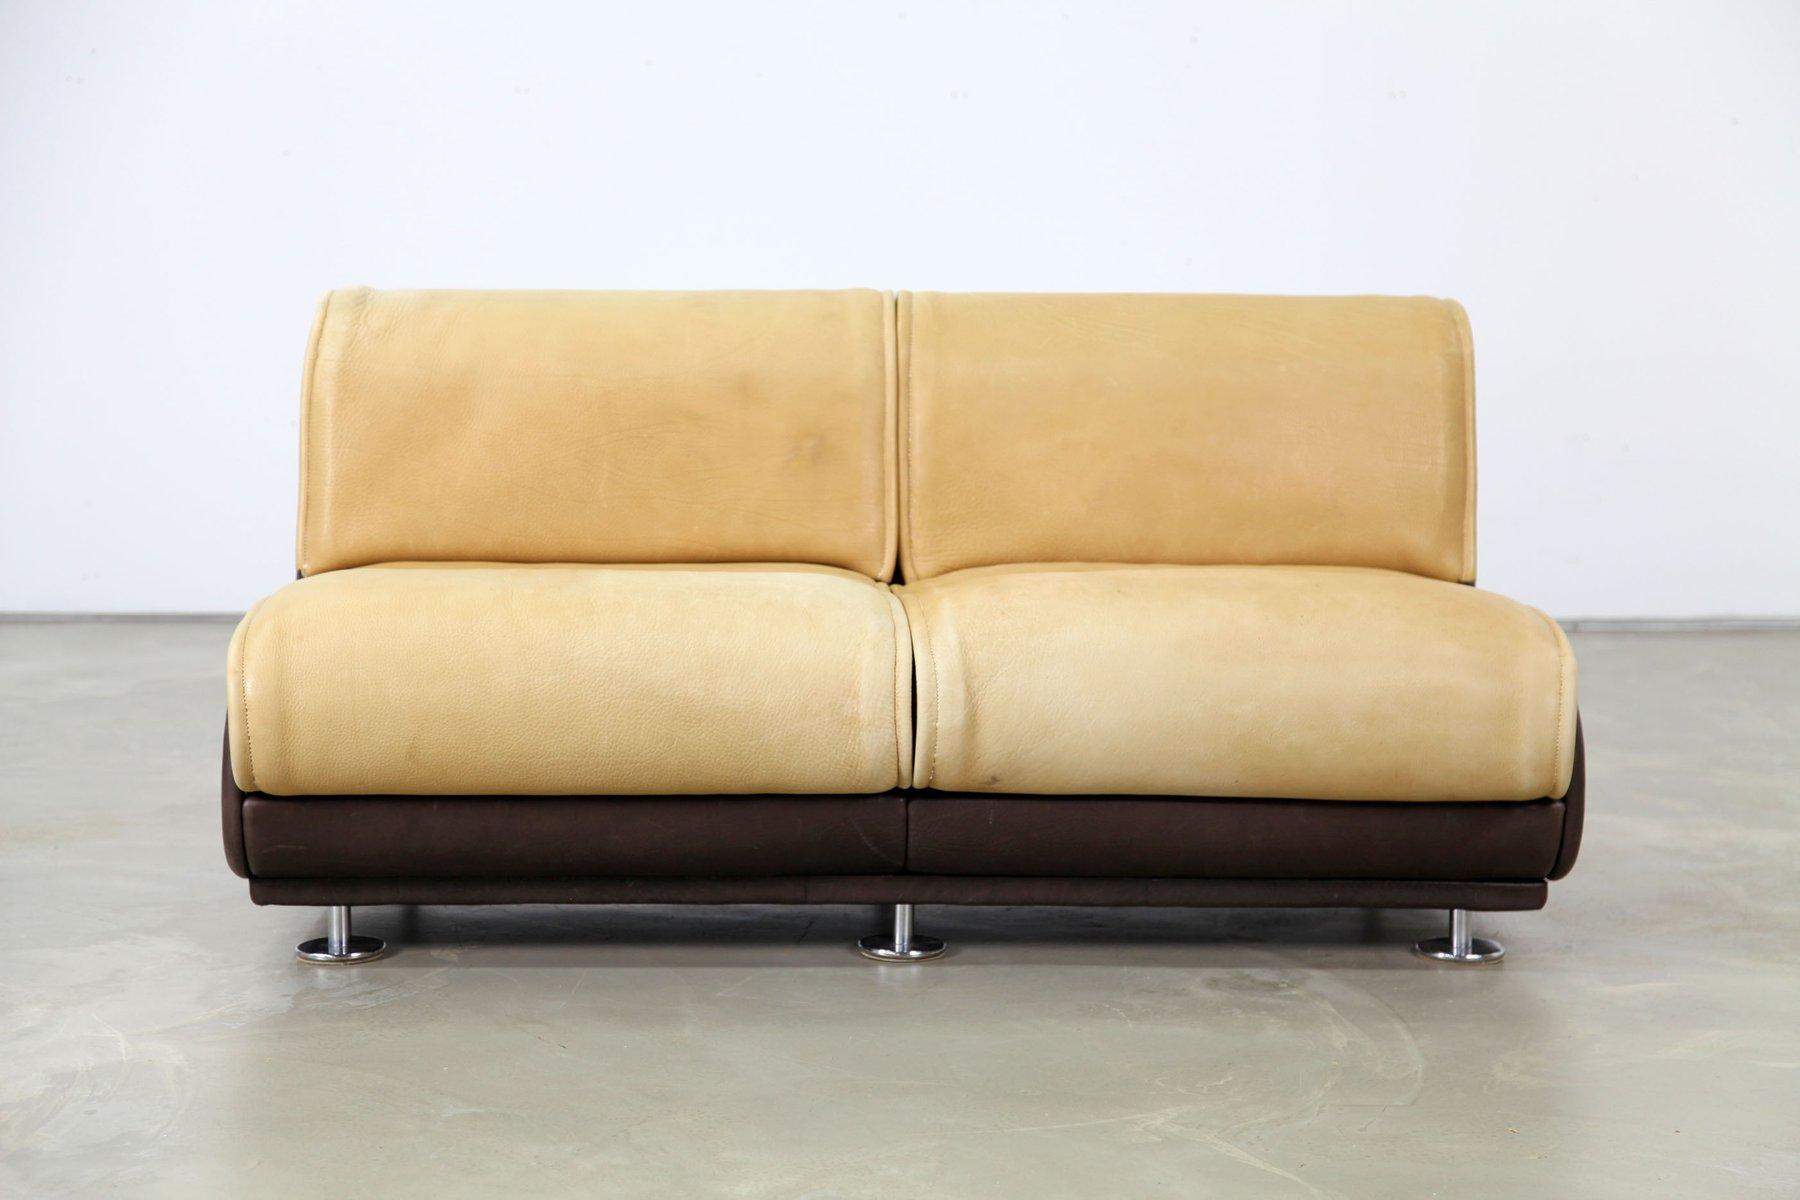 zwei sitzer sofa aus nackenleder von de sede 1970er bei. Black Bedroom Furniture Sets. Home Design Ideas